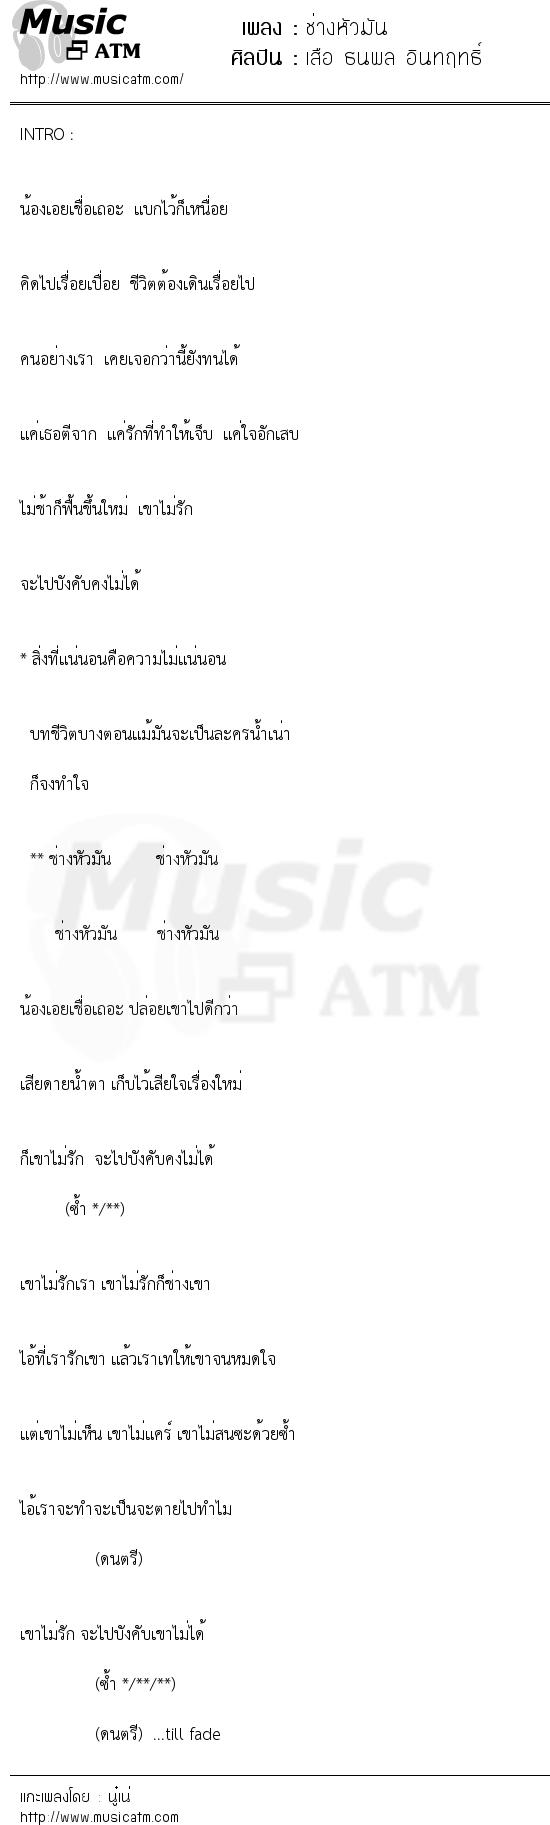 เนื้อเพลง ช่างหัวมัน - เสือ ธนพล อินทฤทธิ์ | เพลงไทย